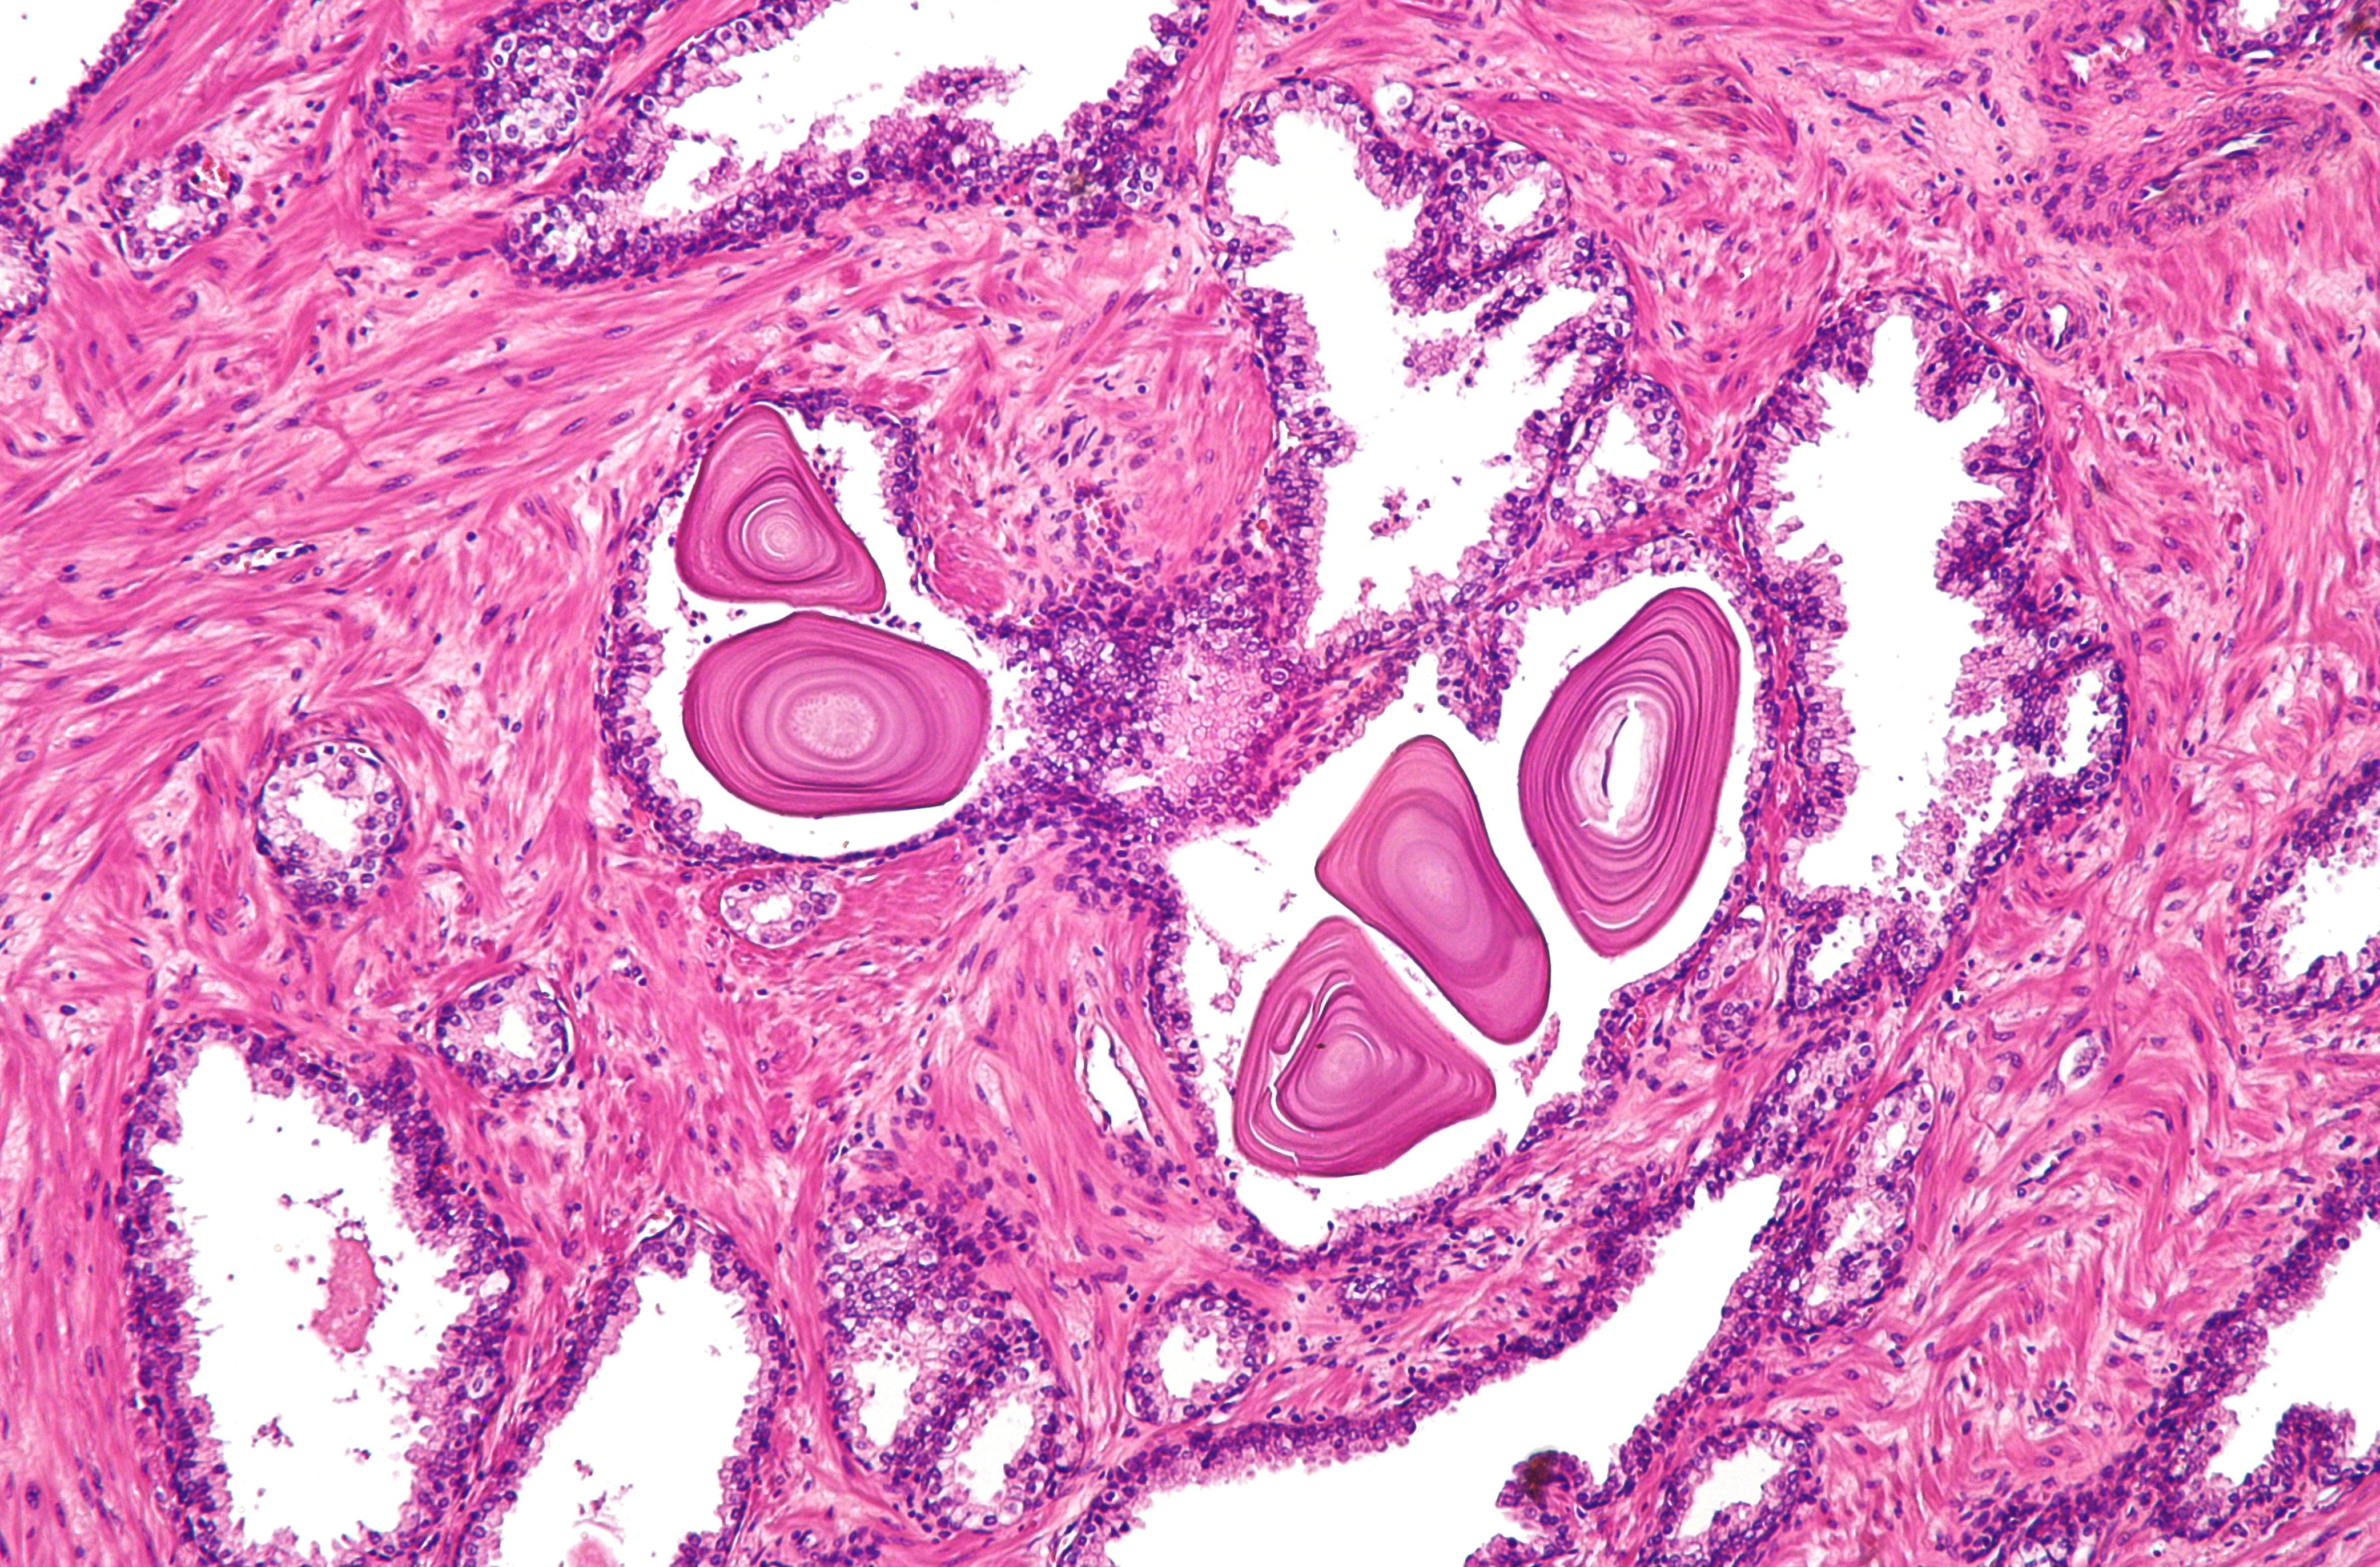 corpus amylacea prostate